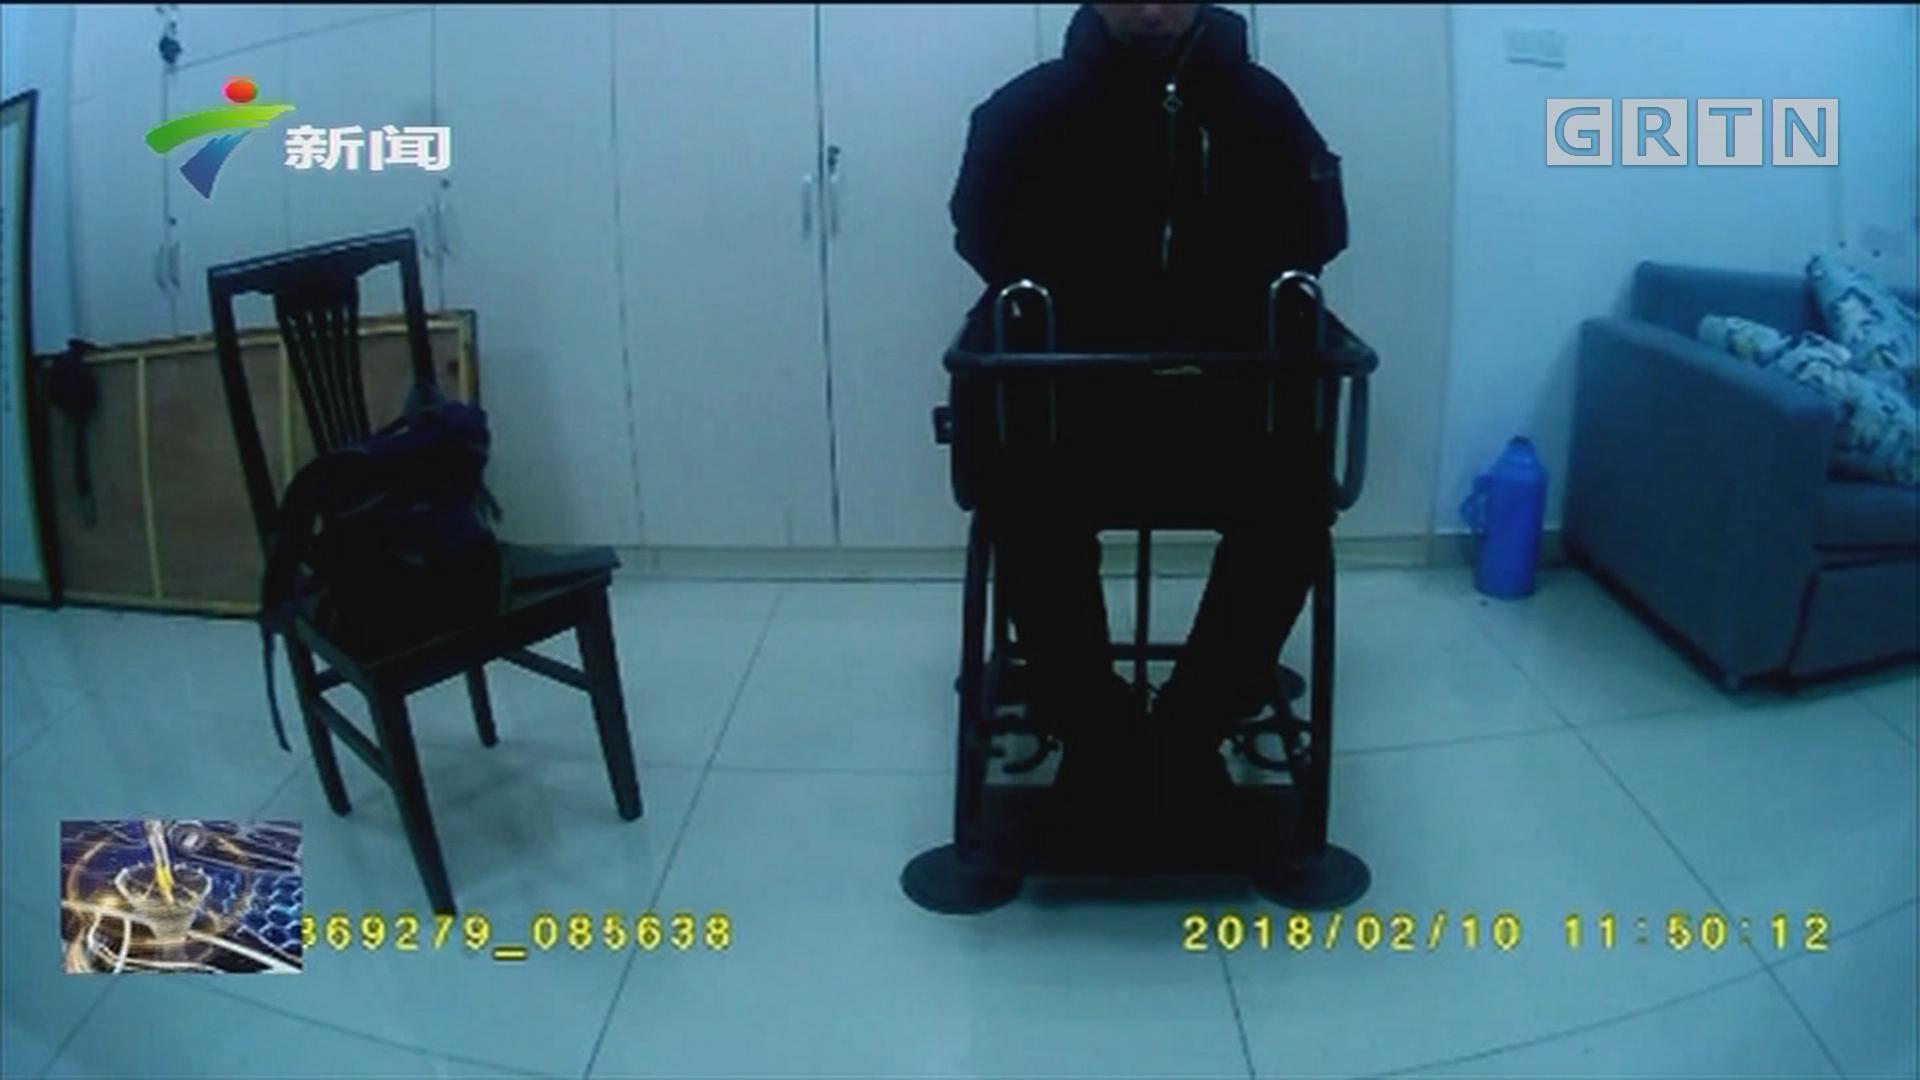 人在途中 南京:男子凌晨上高铁连盗五手机